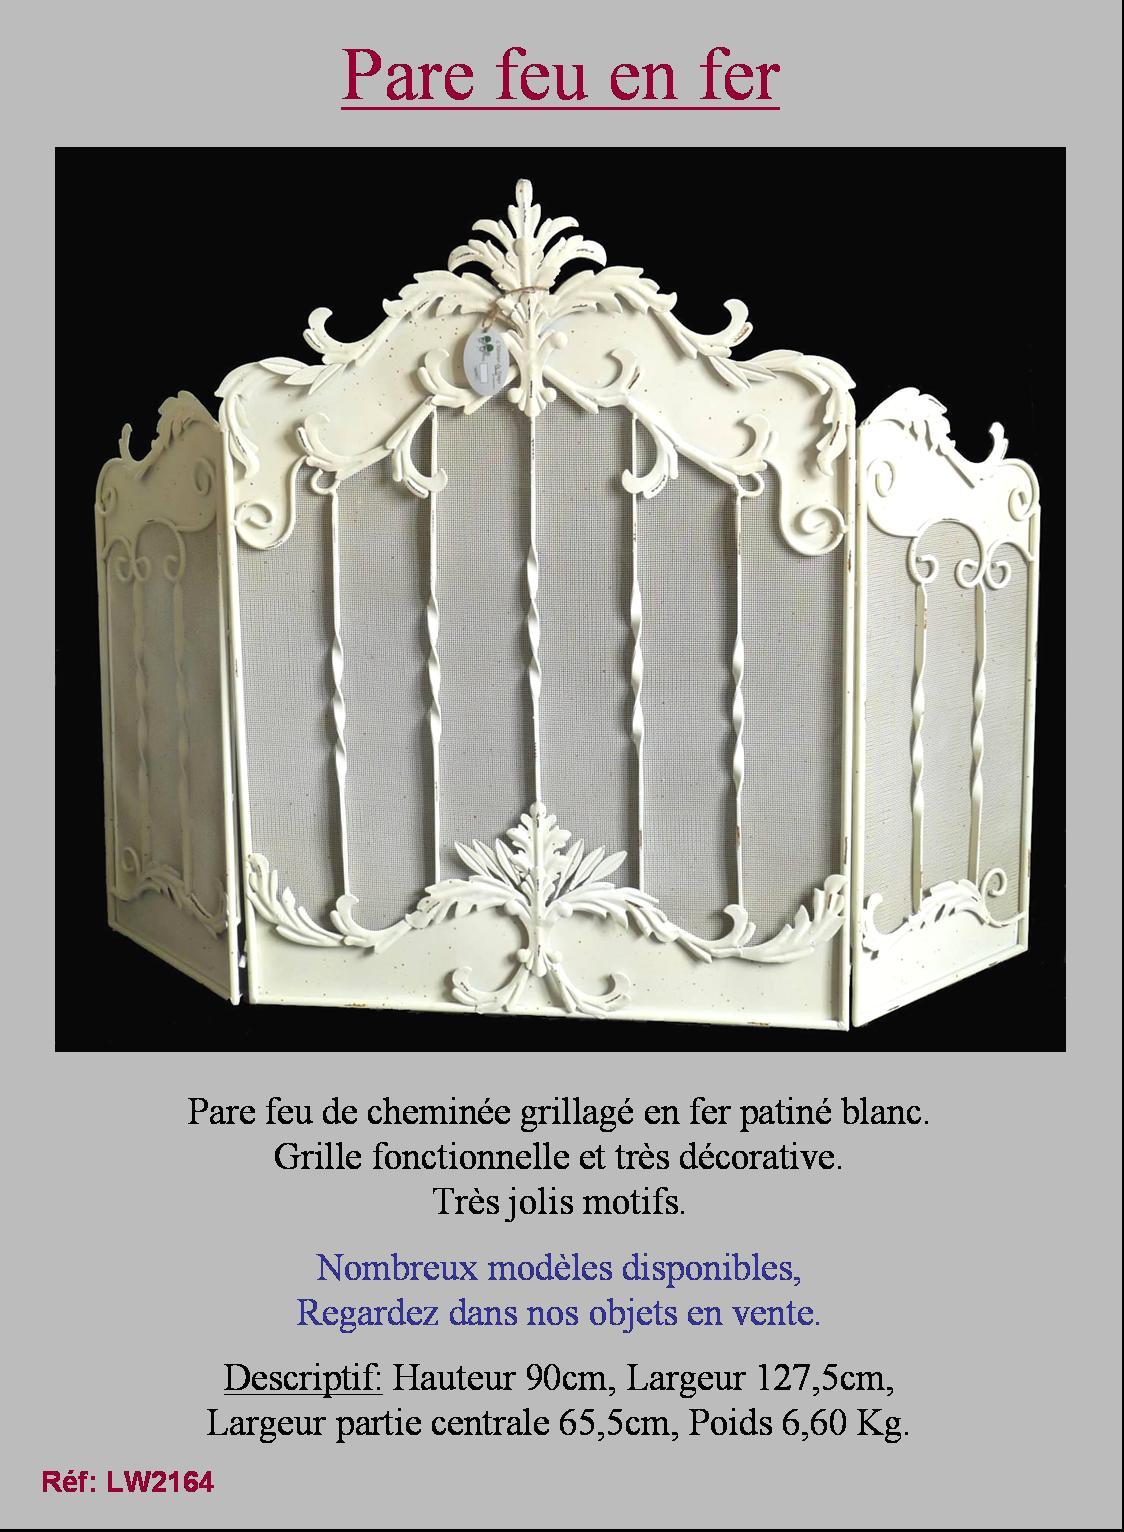 grand ecran pare feu grille protection de cheminee blanc antique a volet en fer. Black Bedroom Furniture Sets. Home Design Ideas